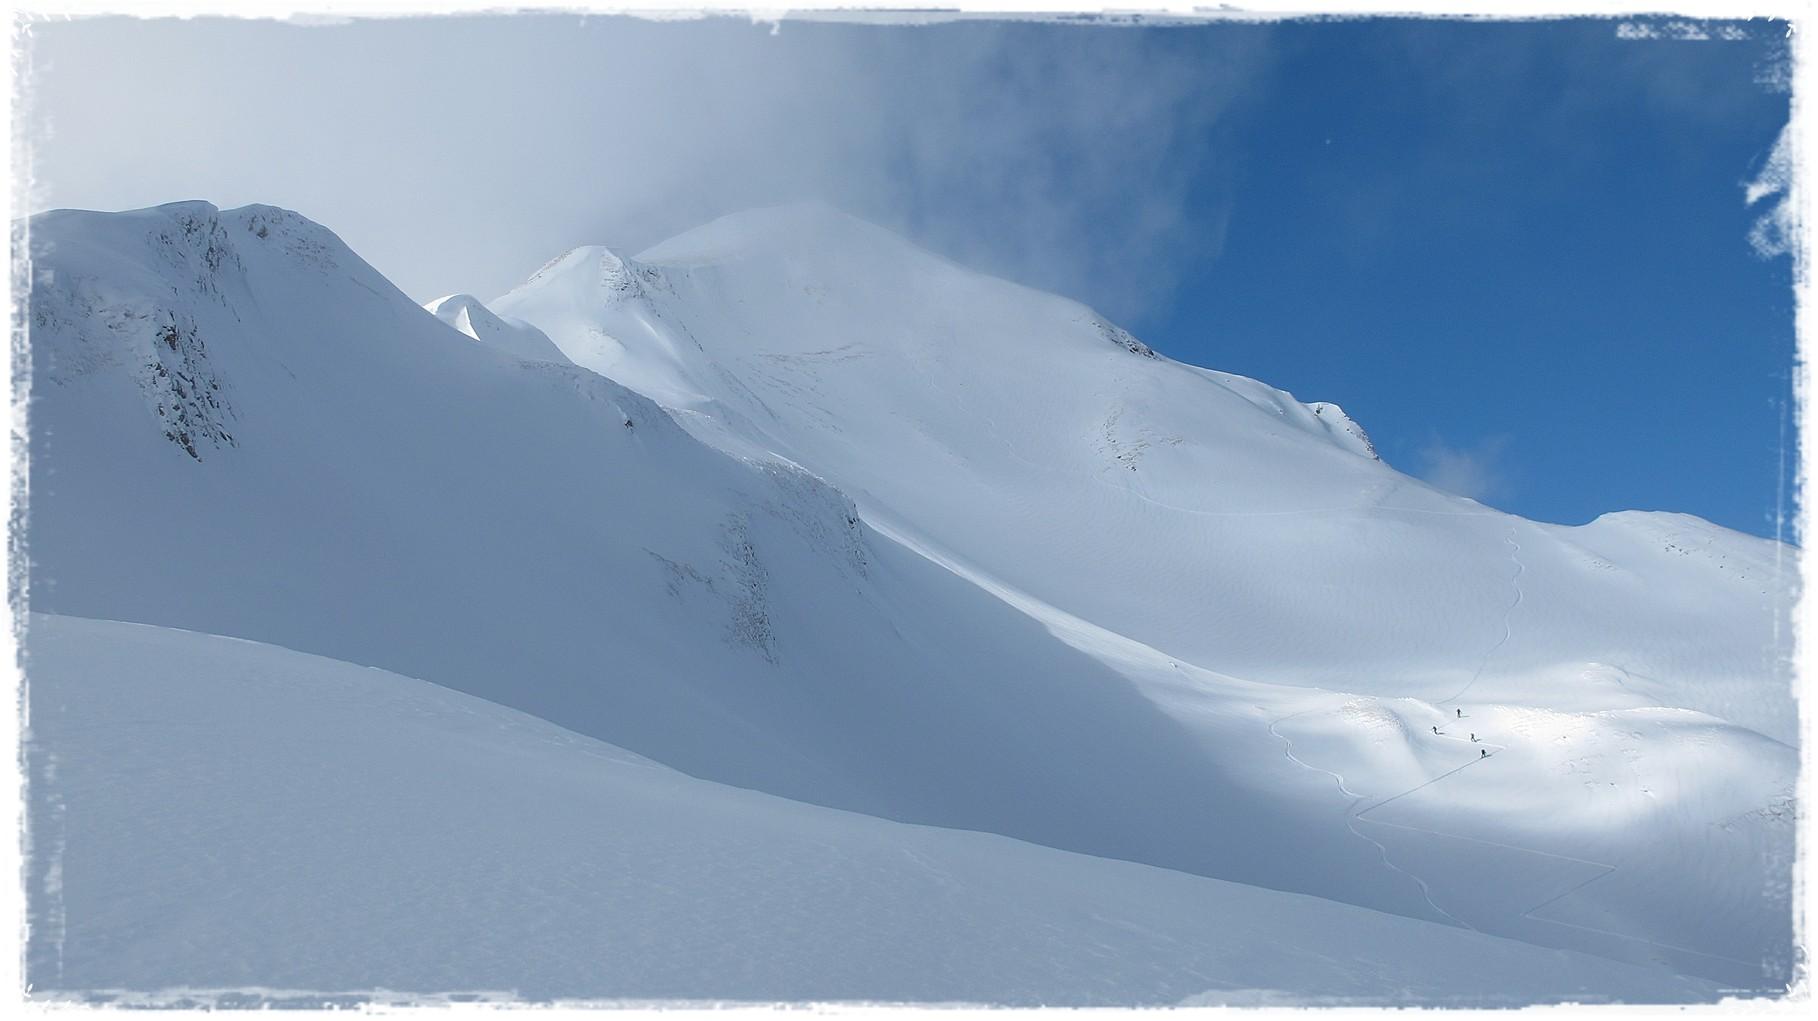 der Gipfel kommt näher und will sich verstecken